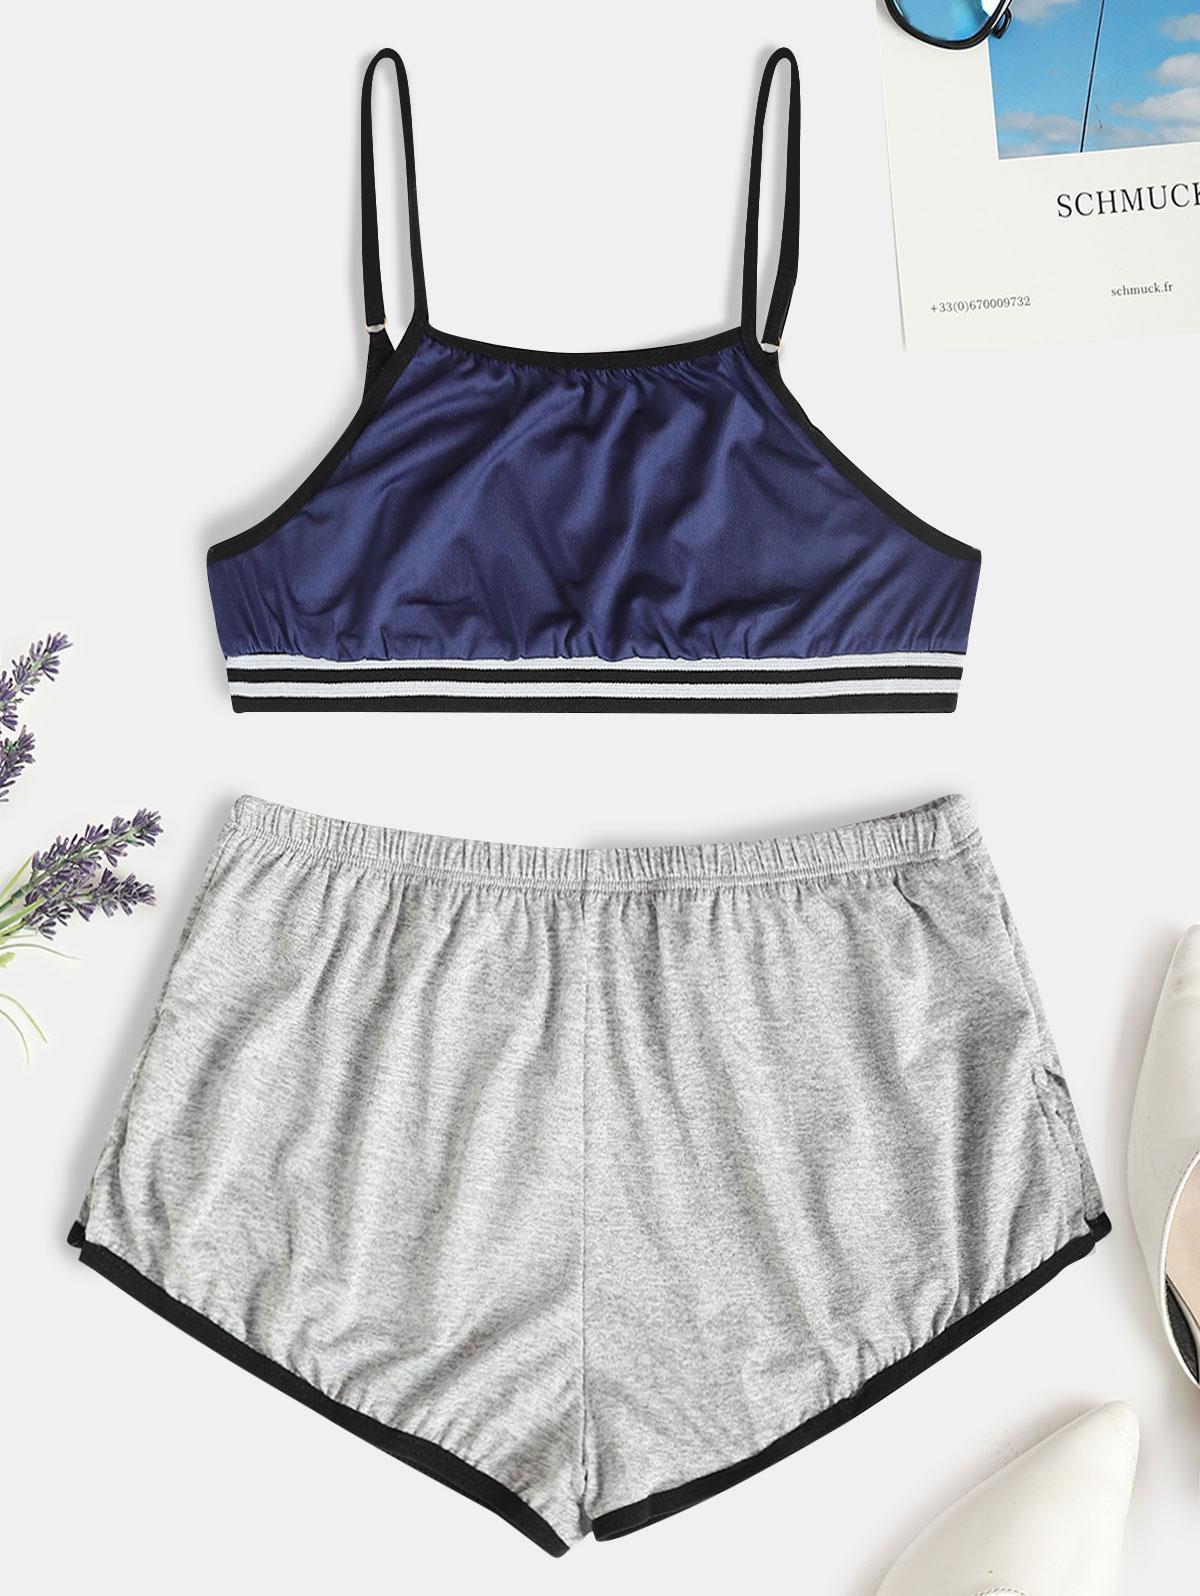 zaful Camisole and Shorts Set